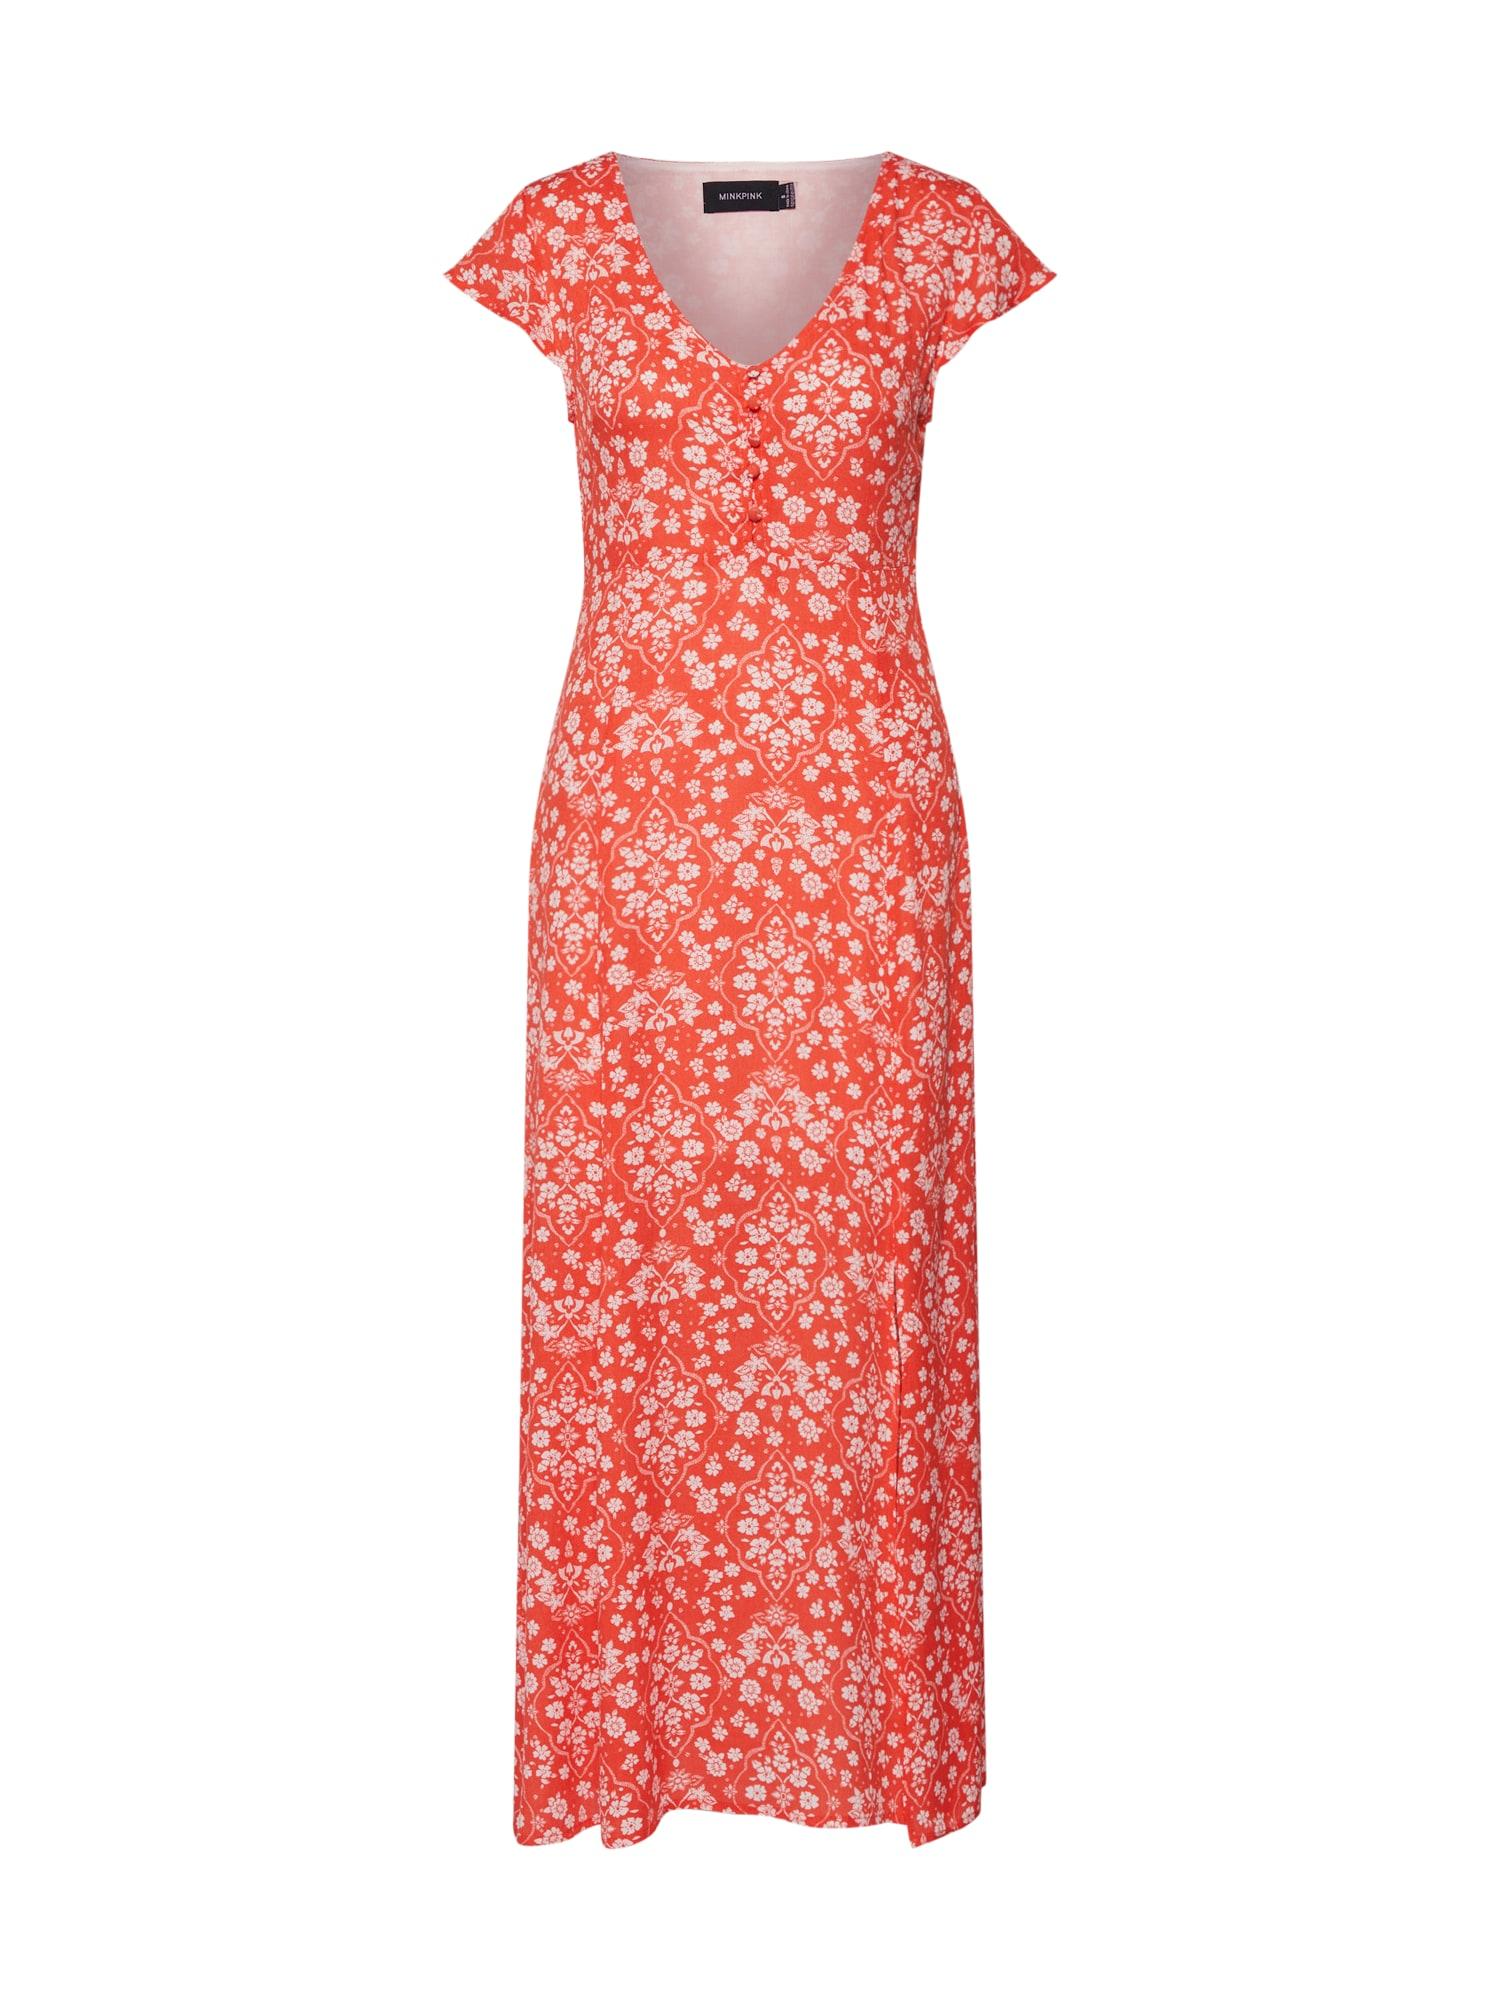 Letní šaty DELILAH červená bílá MINKPINK